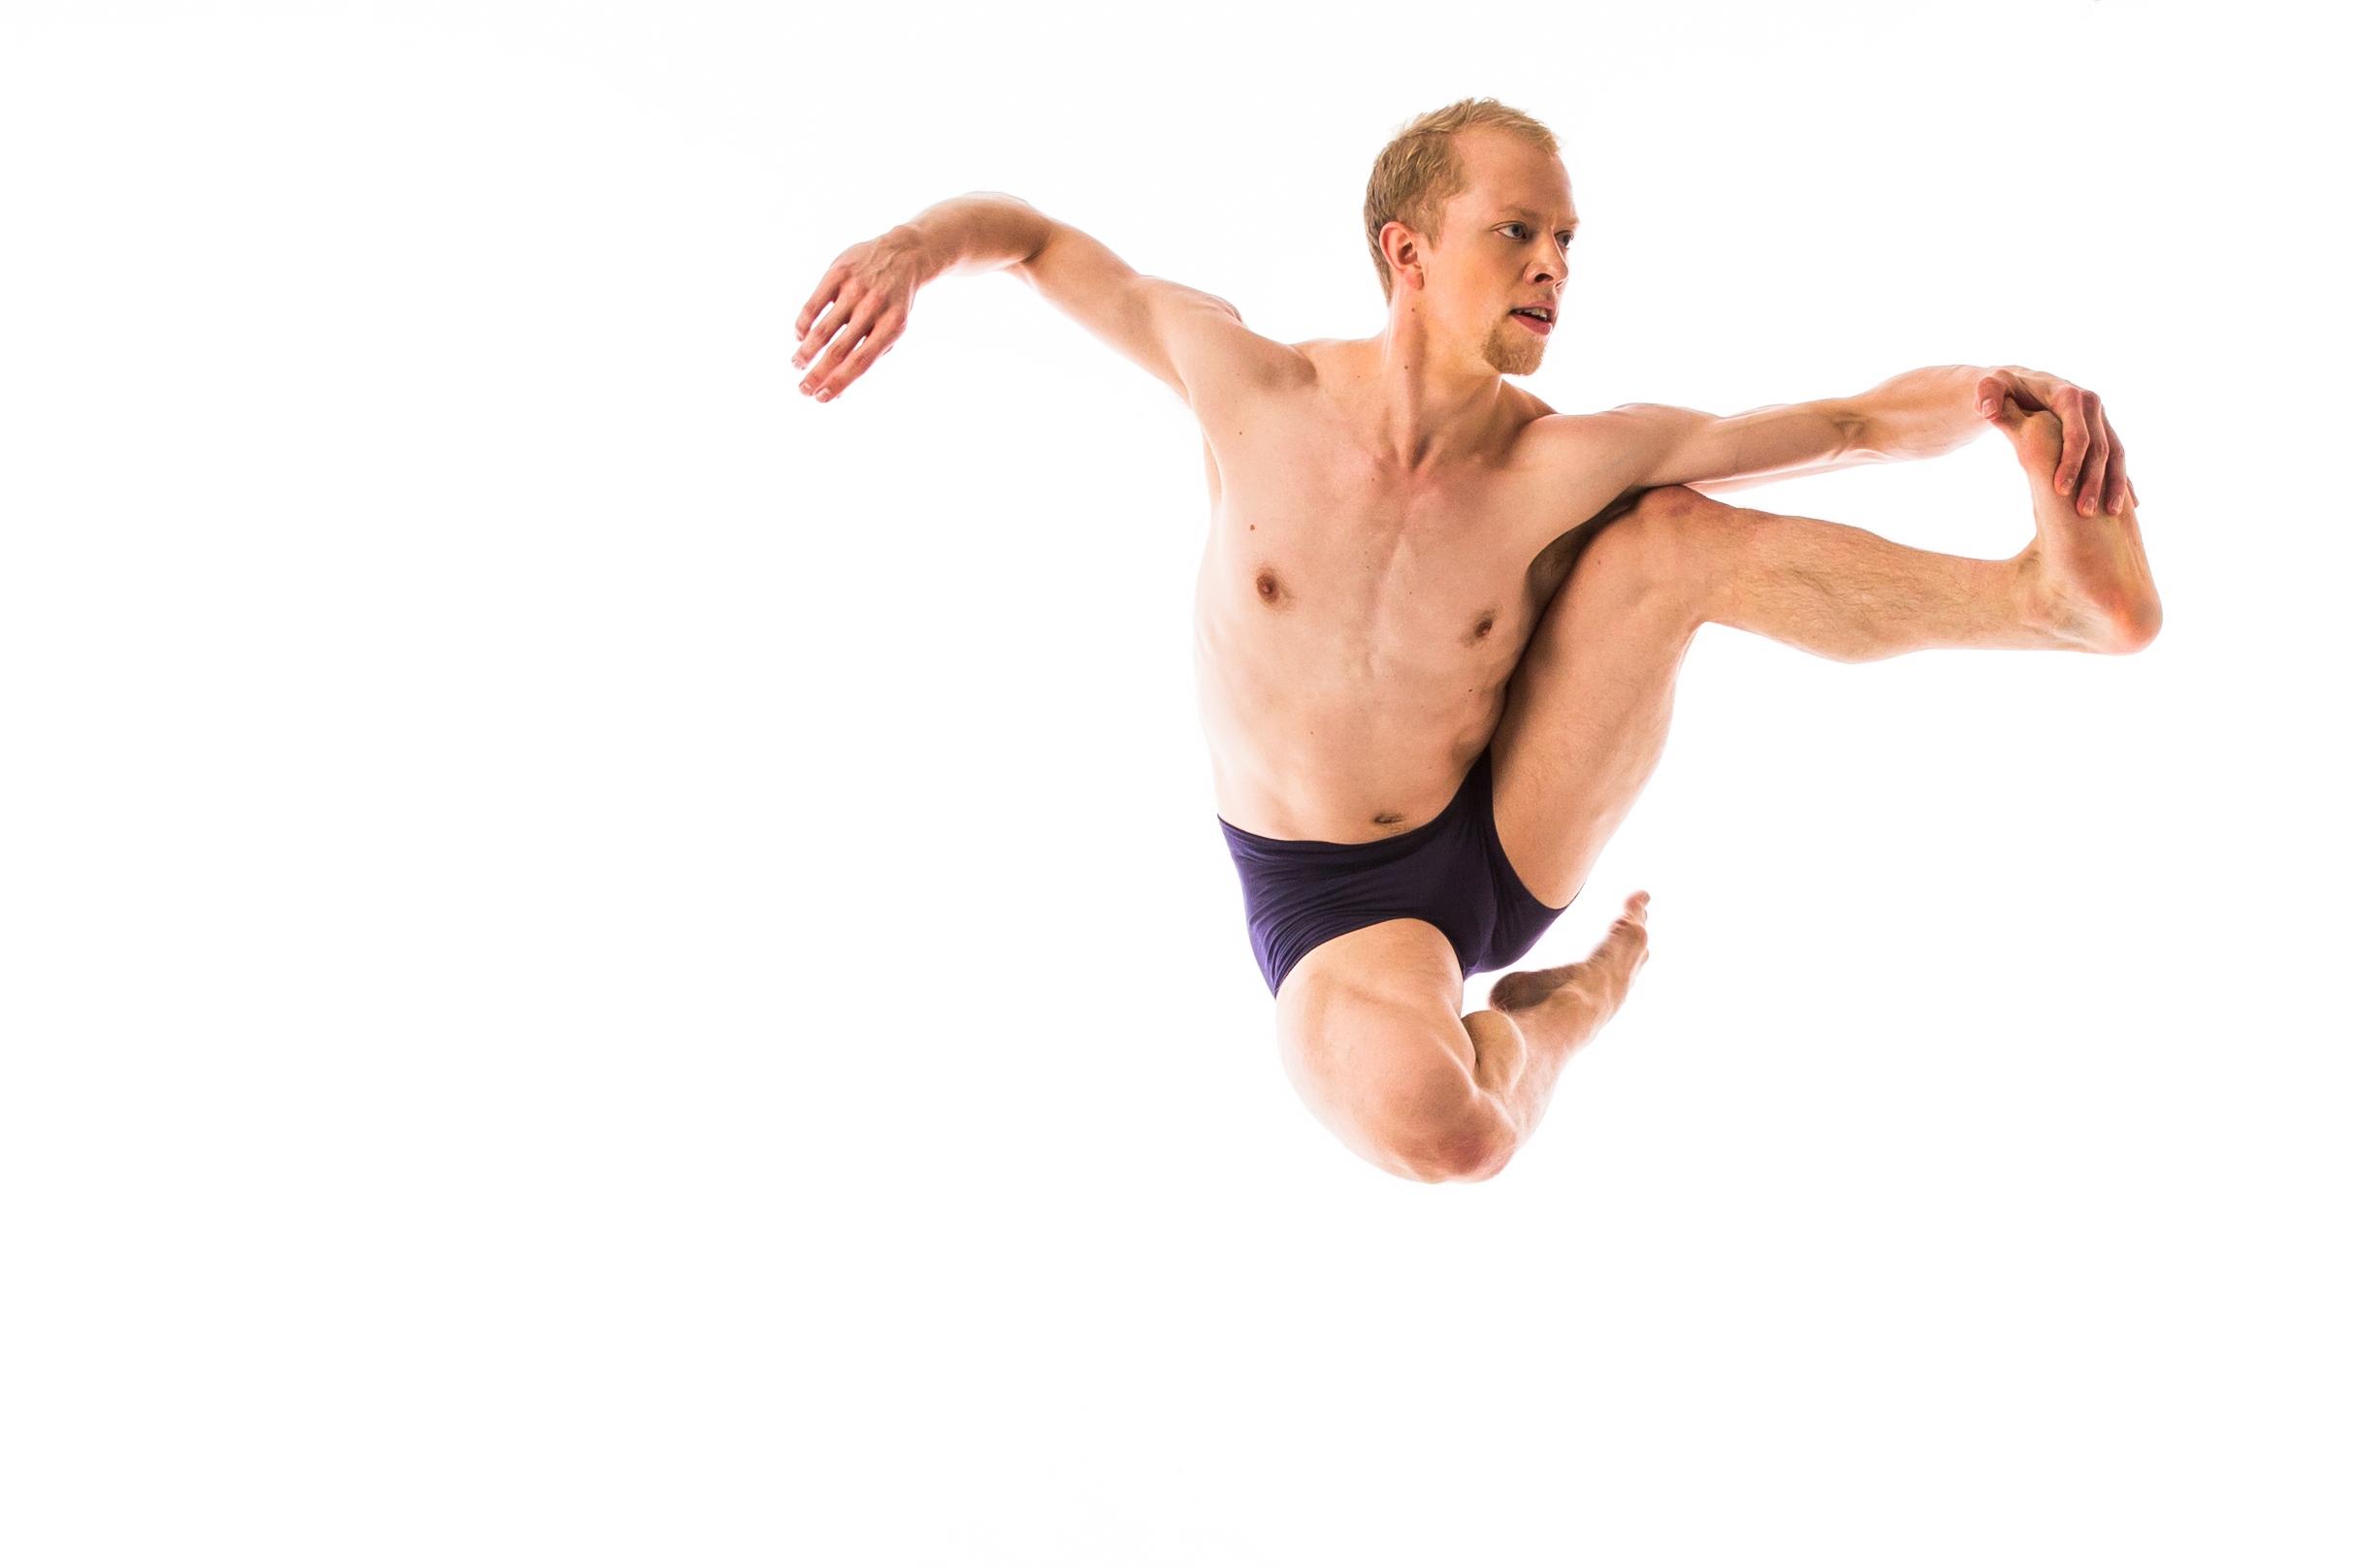 EM DANCE SESSION0335_v003.jpg